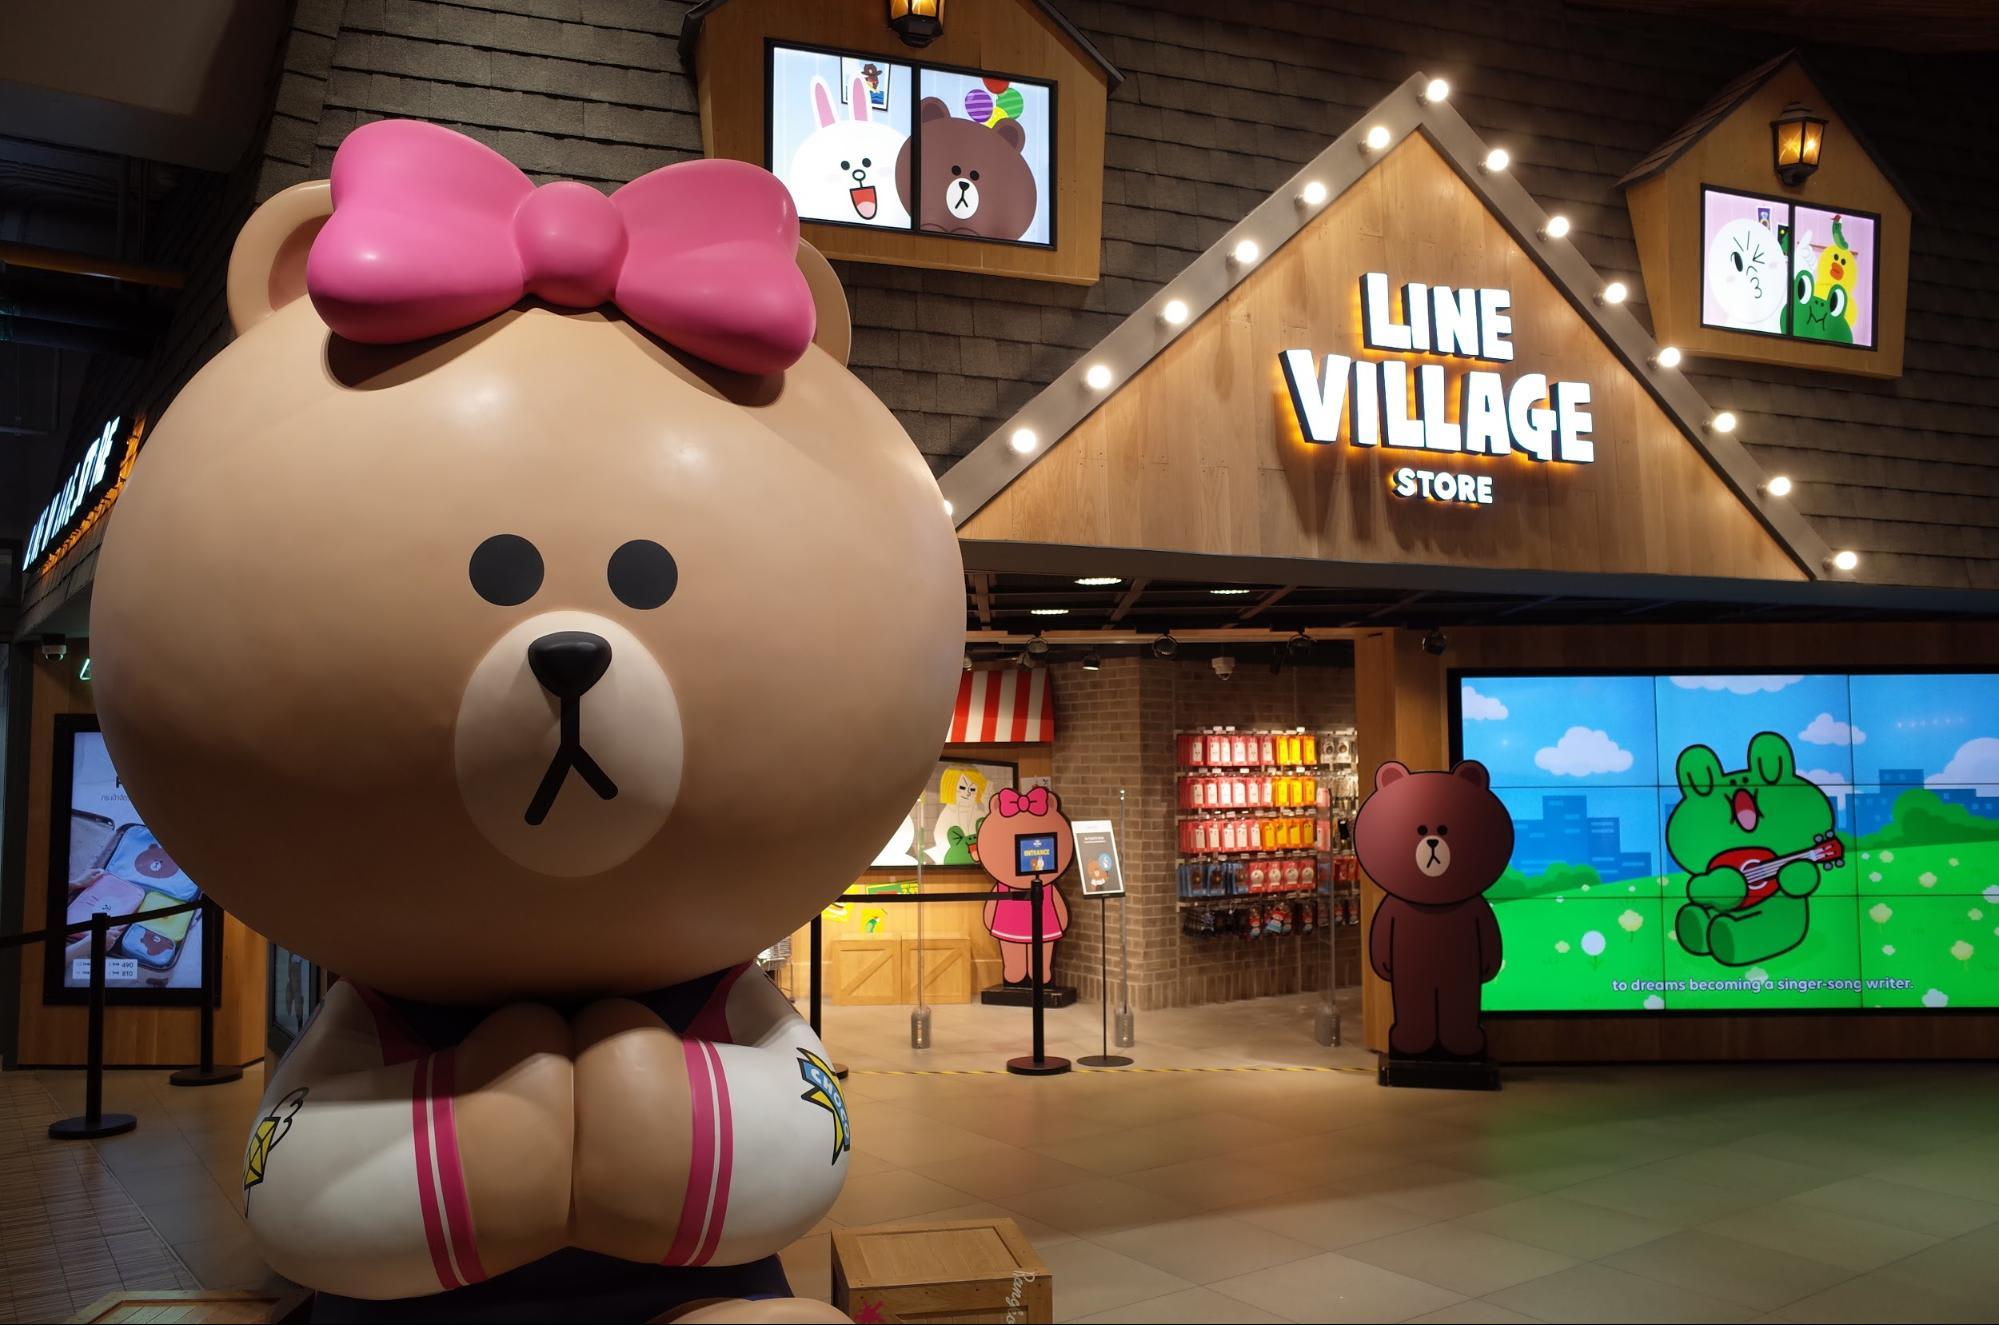 quầy quà lưu niệm line village ở bangkok